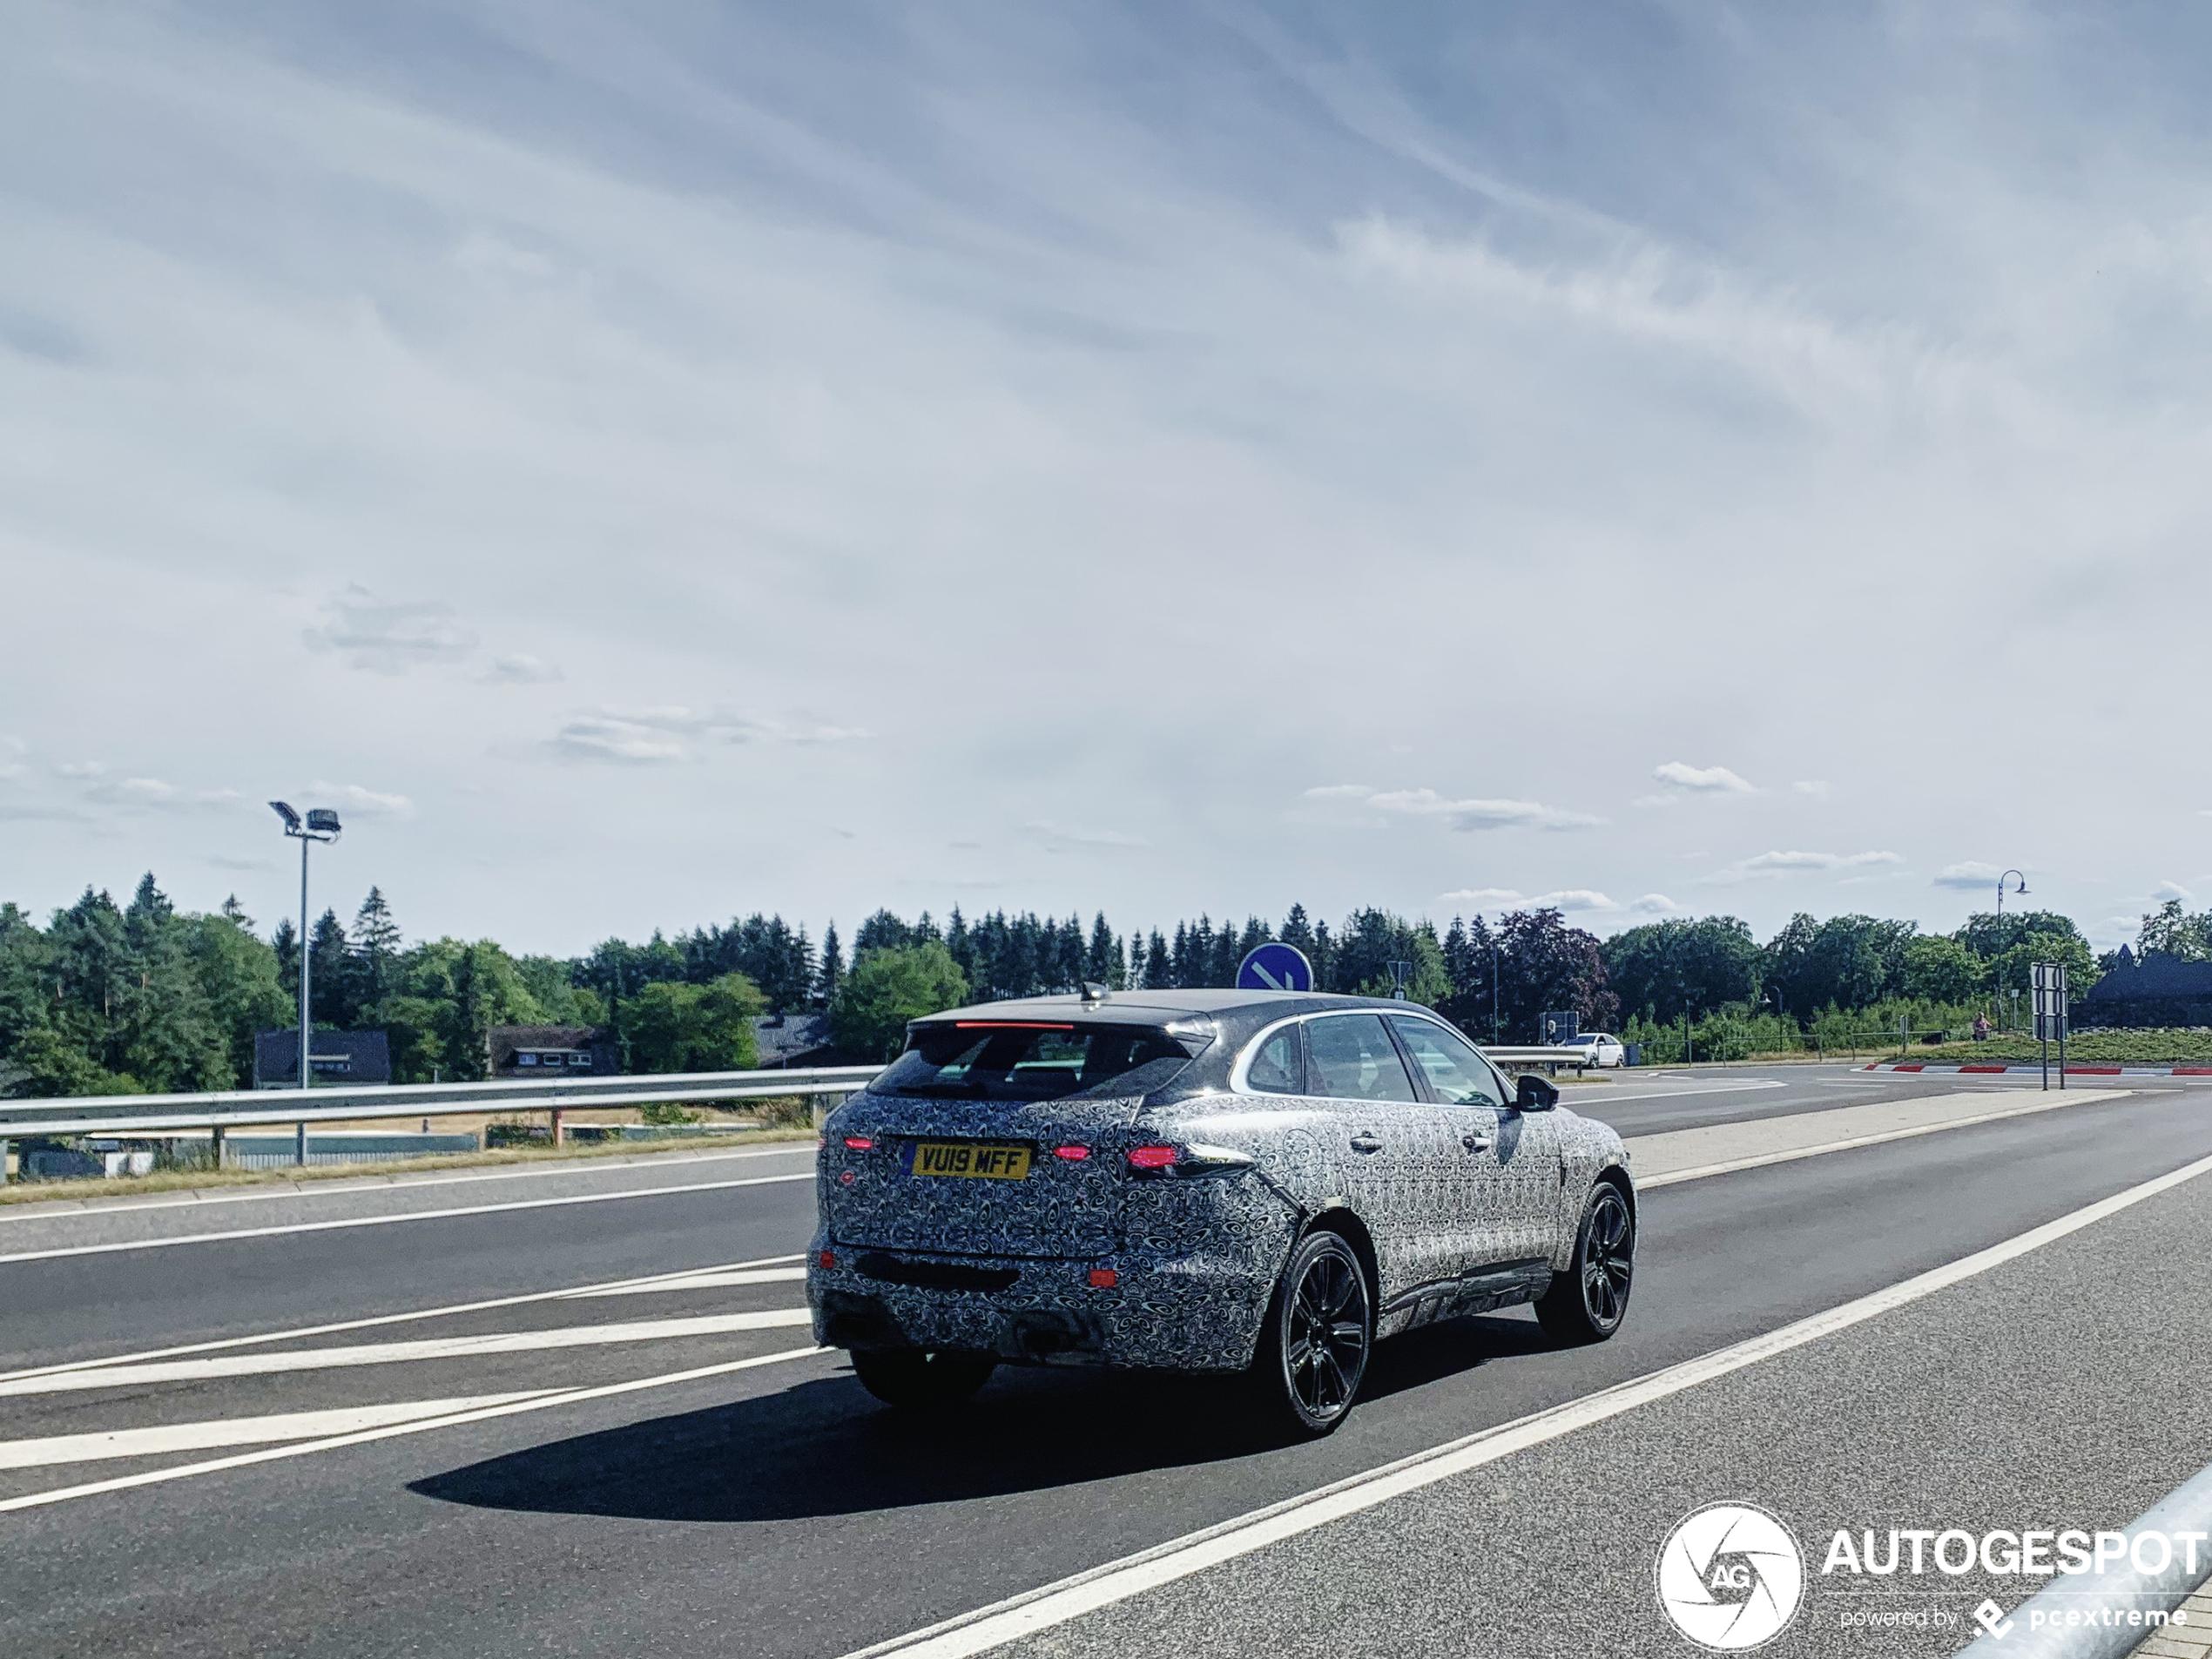 jaguar fpace svr 2021  25 juli 2020  autogespot